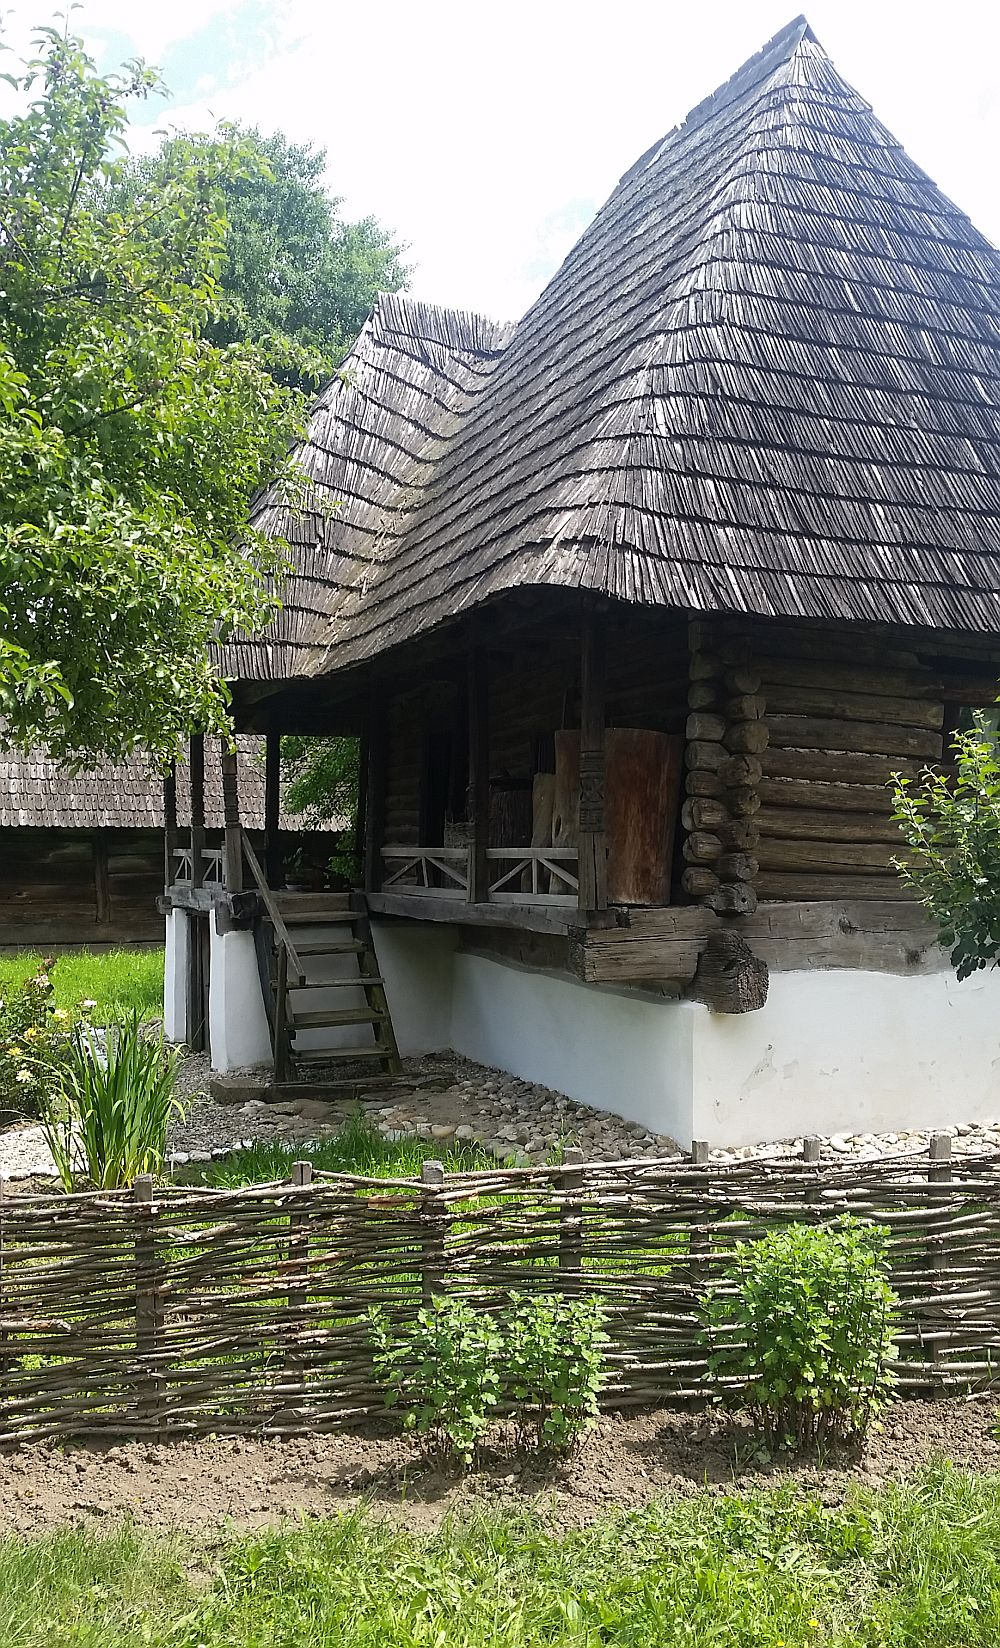 adelaparvu-com-despre-case-traditionale-romanesti-muzeul-viticulturii-si-pomiculturii-golesti-jud-arges-romania-foto-adela-parvu-19